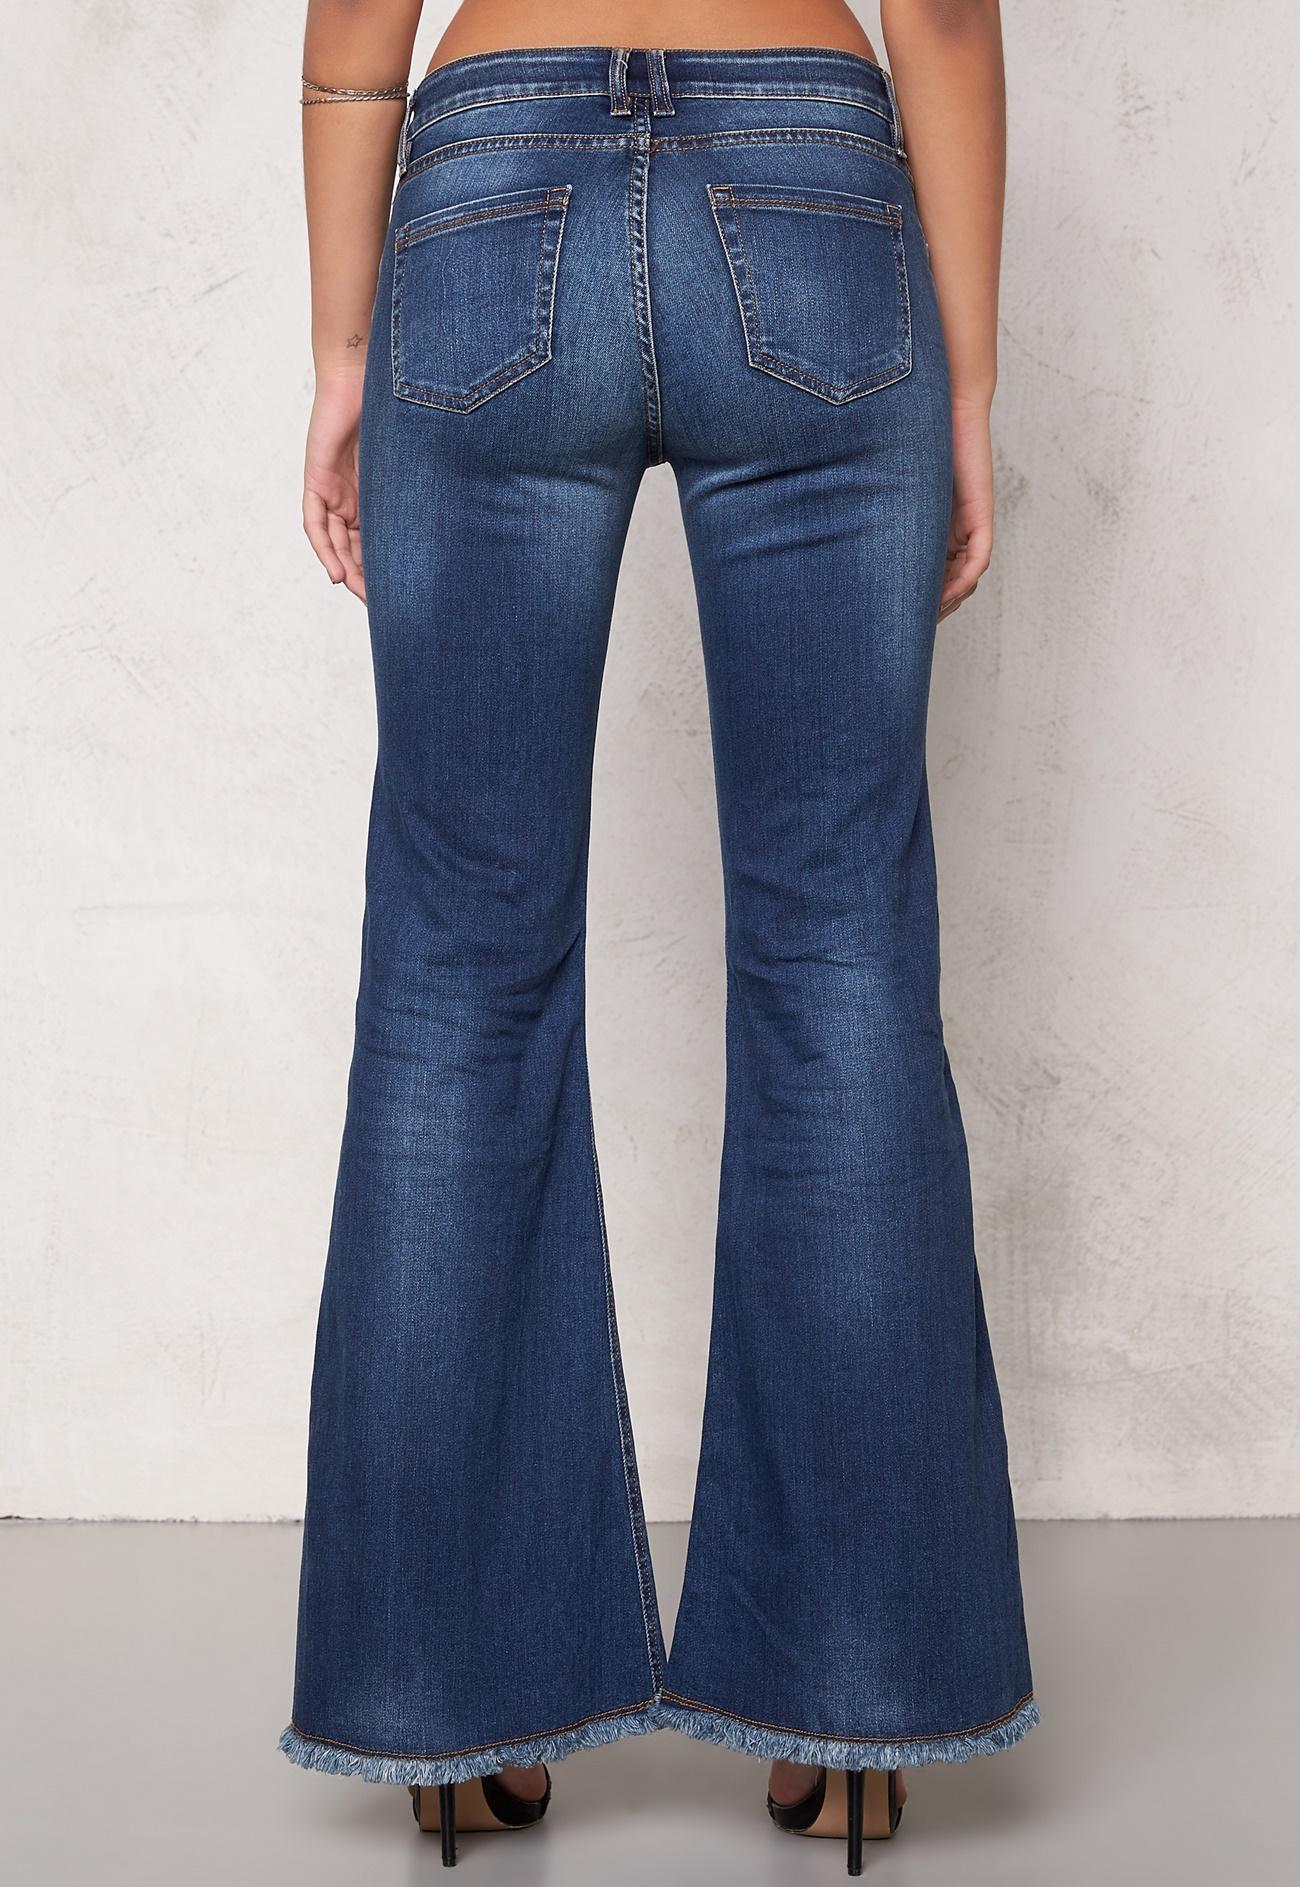 D.Brand Flair Denim Blue Jeans Denim - Bubbleroom